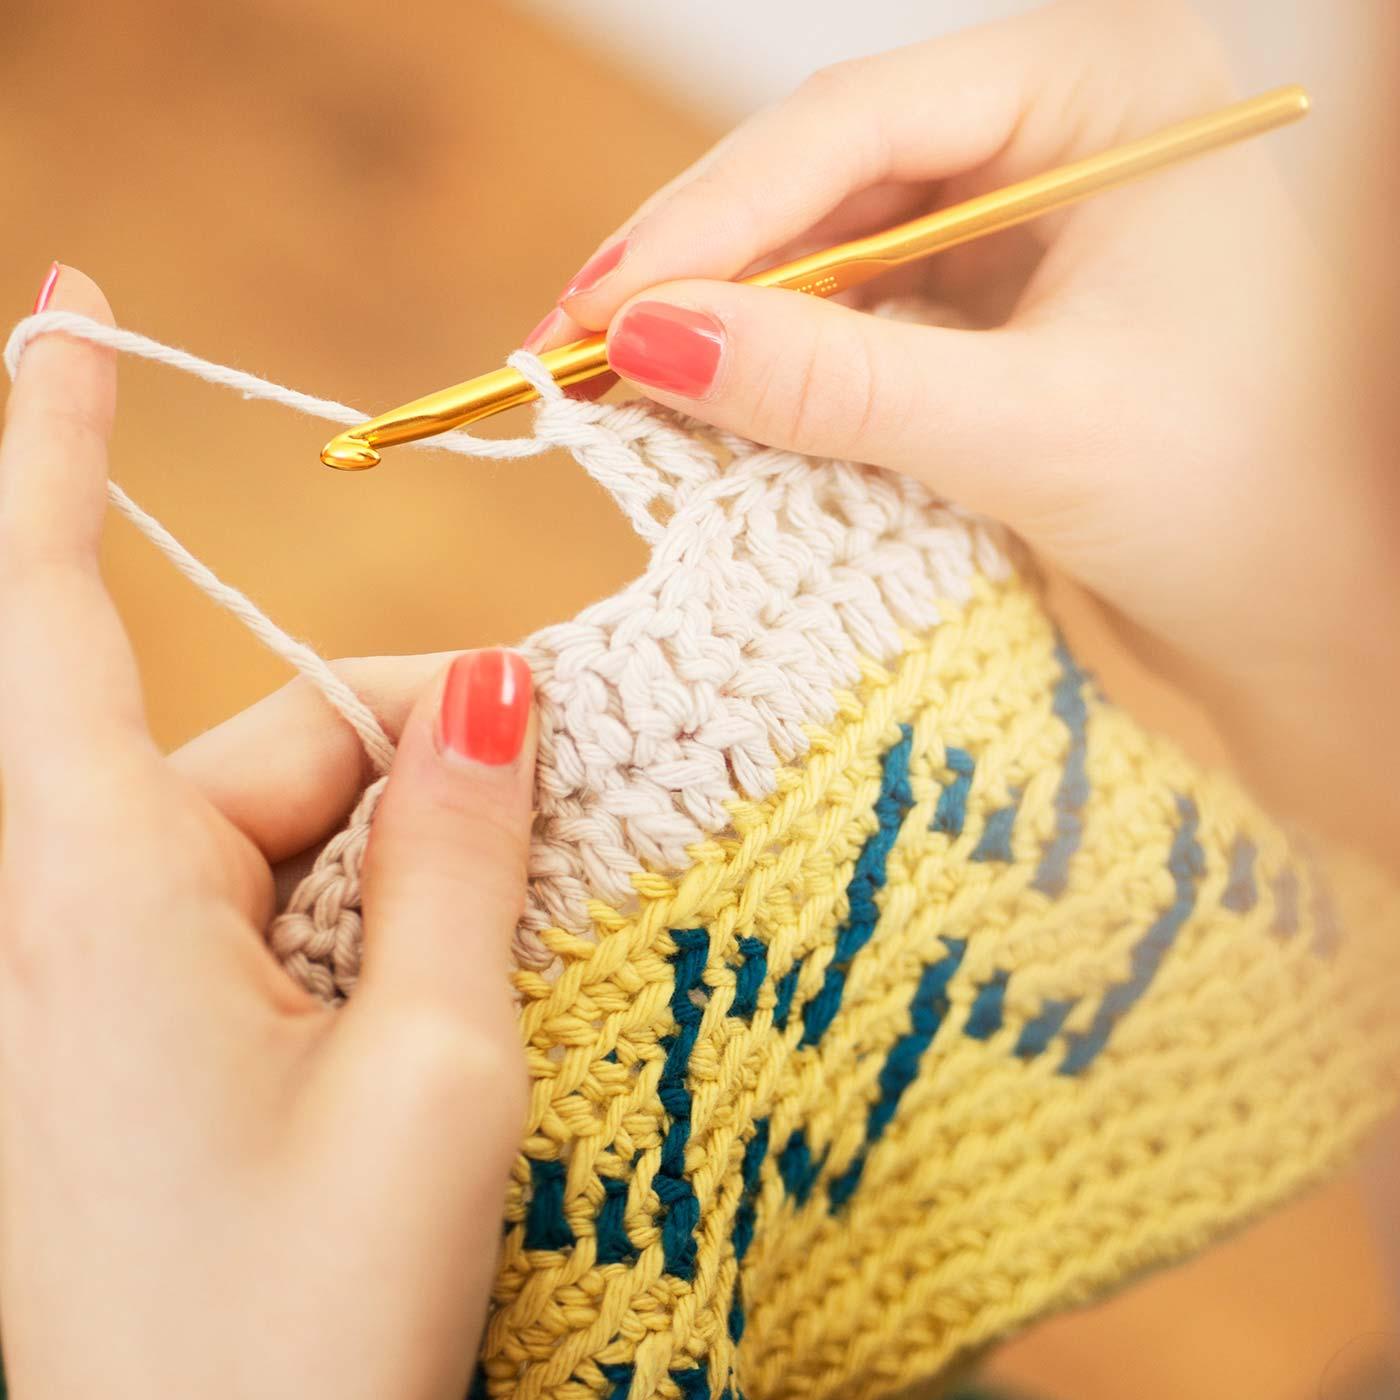 編む楽しさのひみつ♪ 太めのコットン糸を使うので、さくさくスピーディーに編めます。